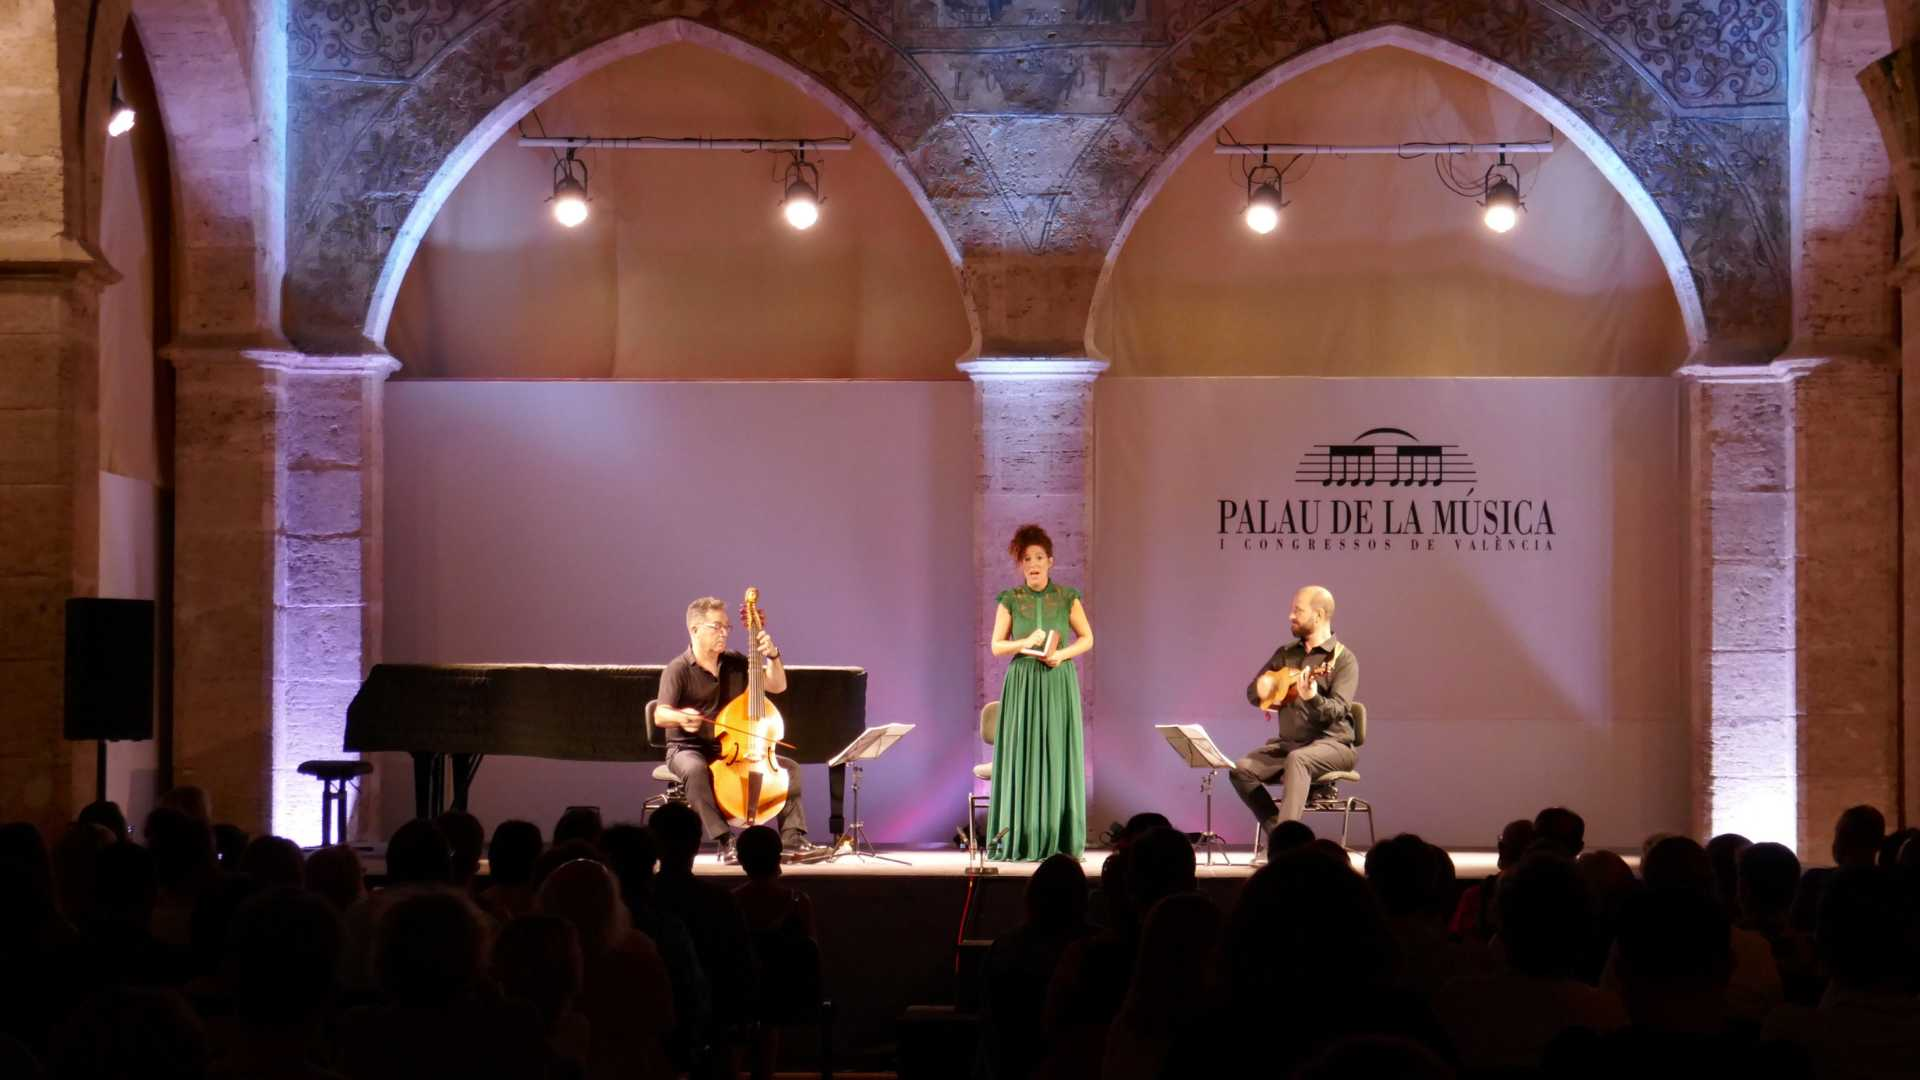 festival musica religiosa valencia